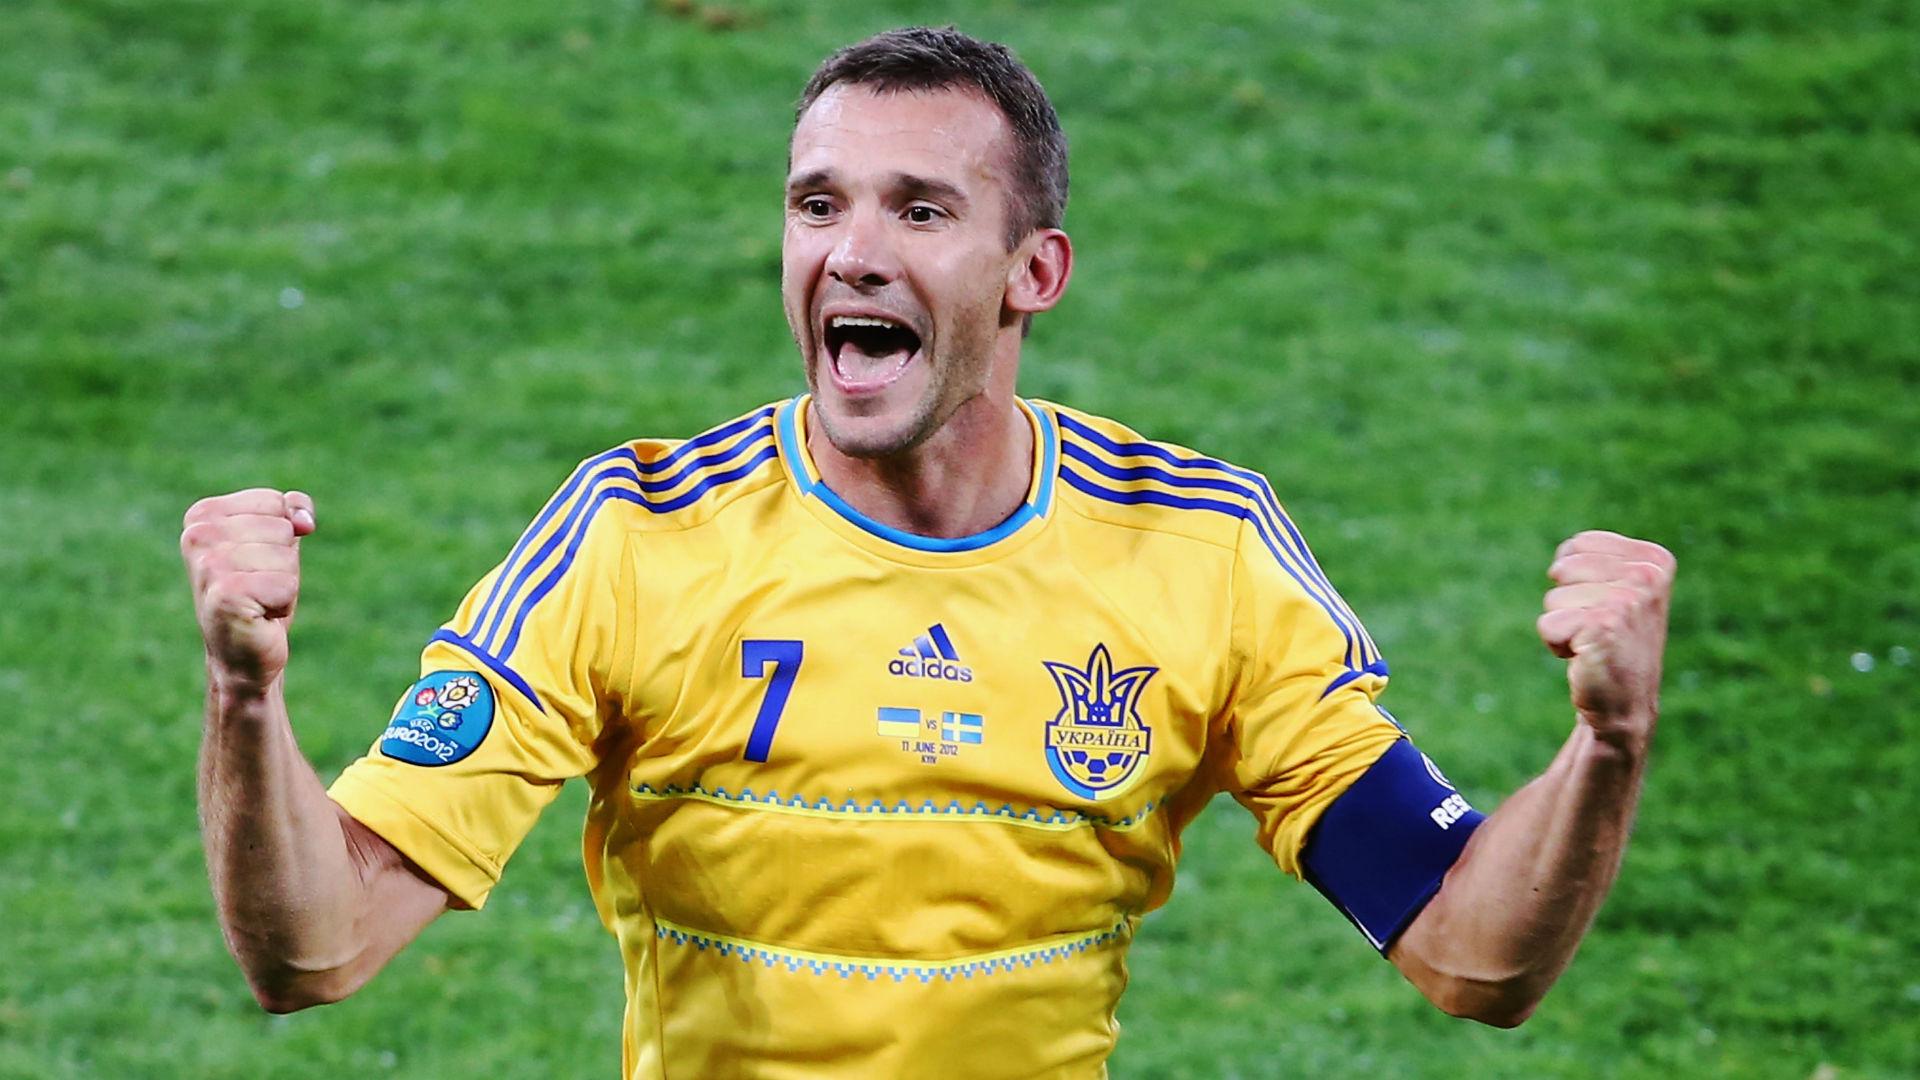 Andriy Shevchenko Ukraine